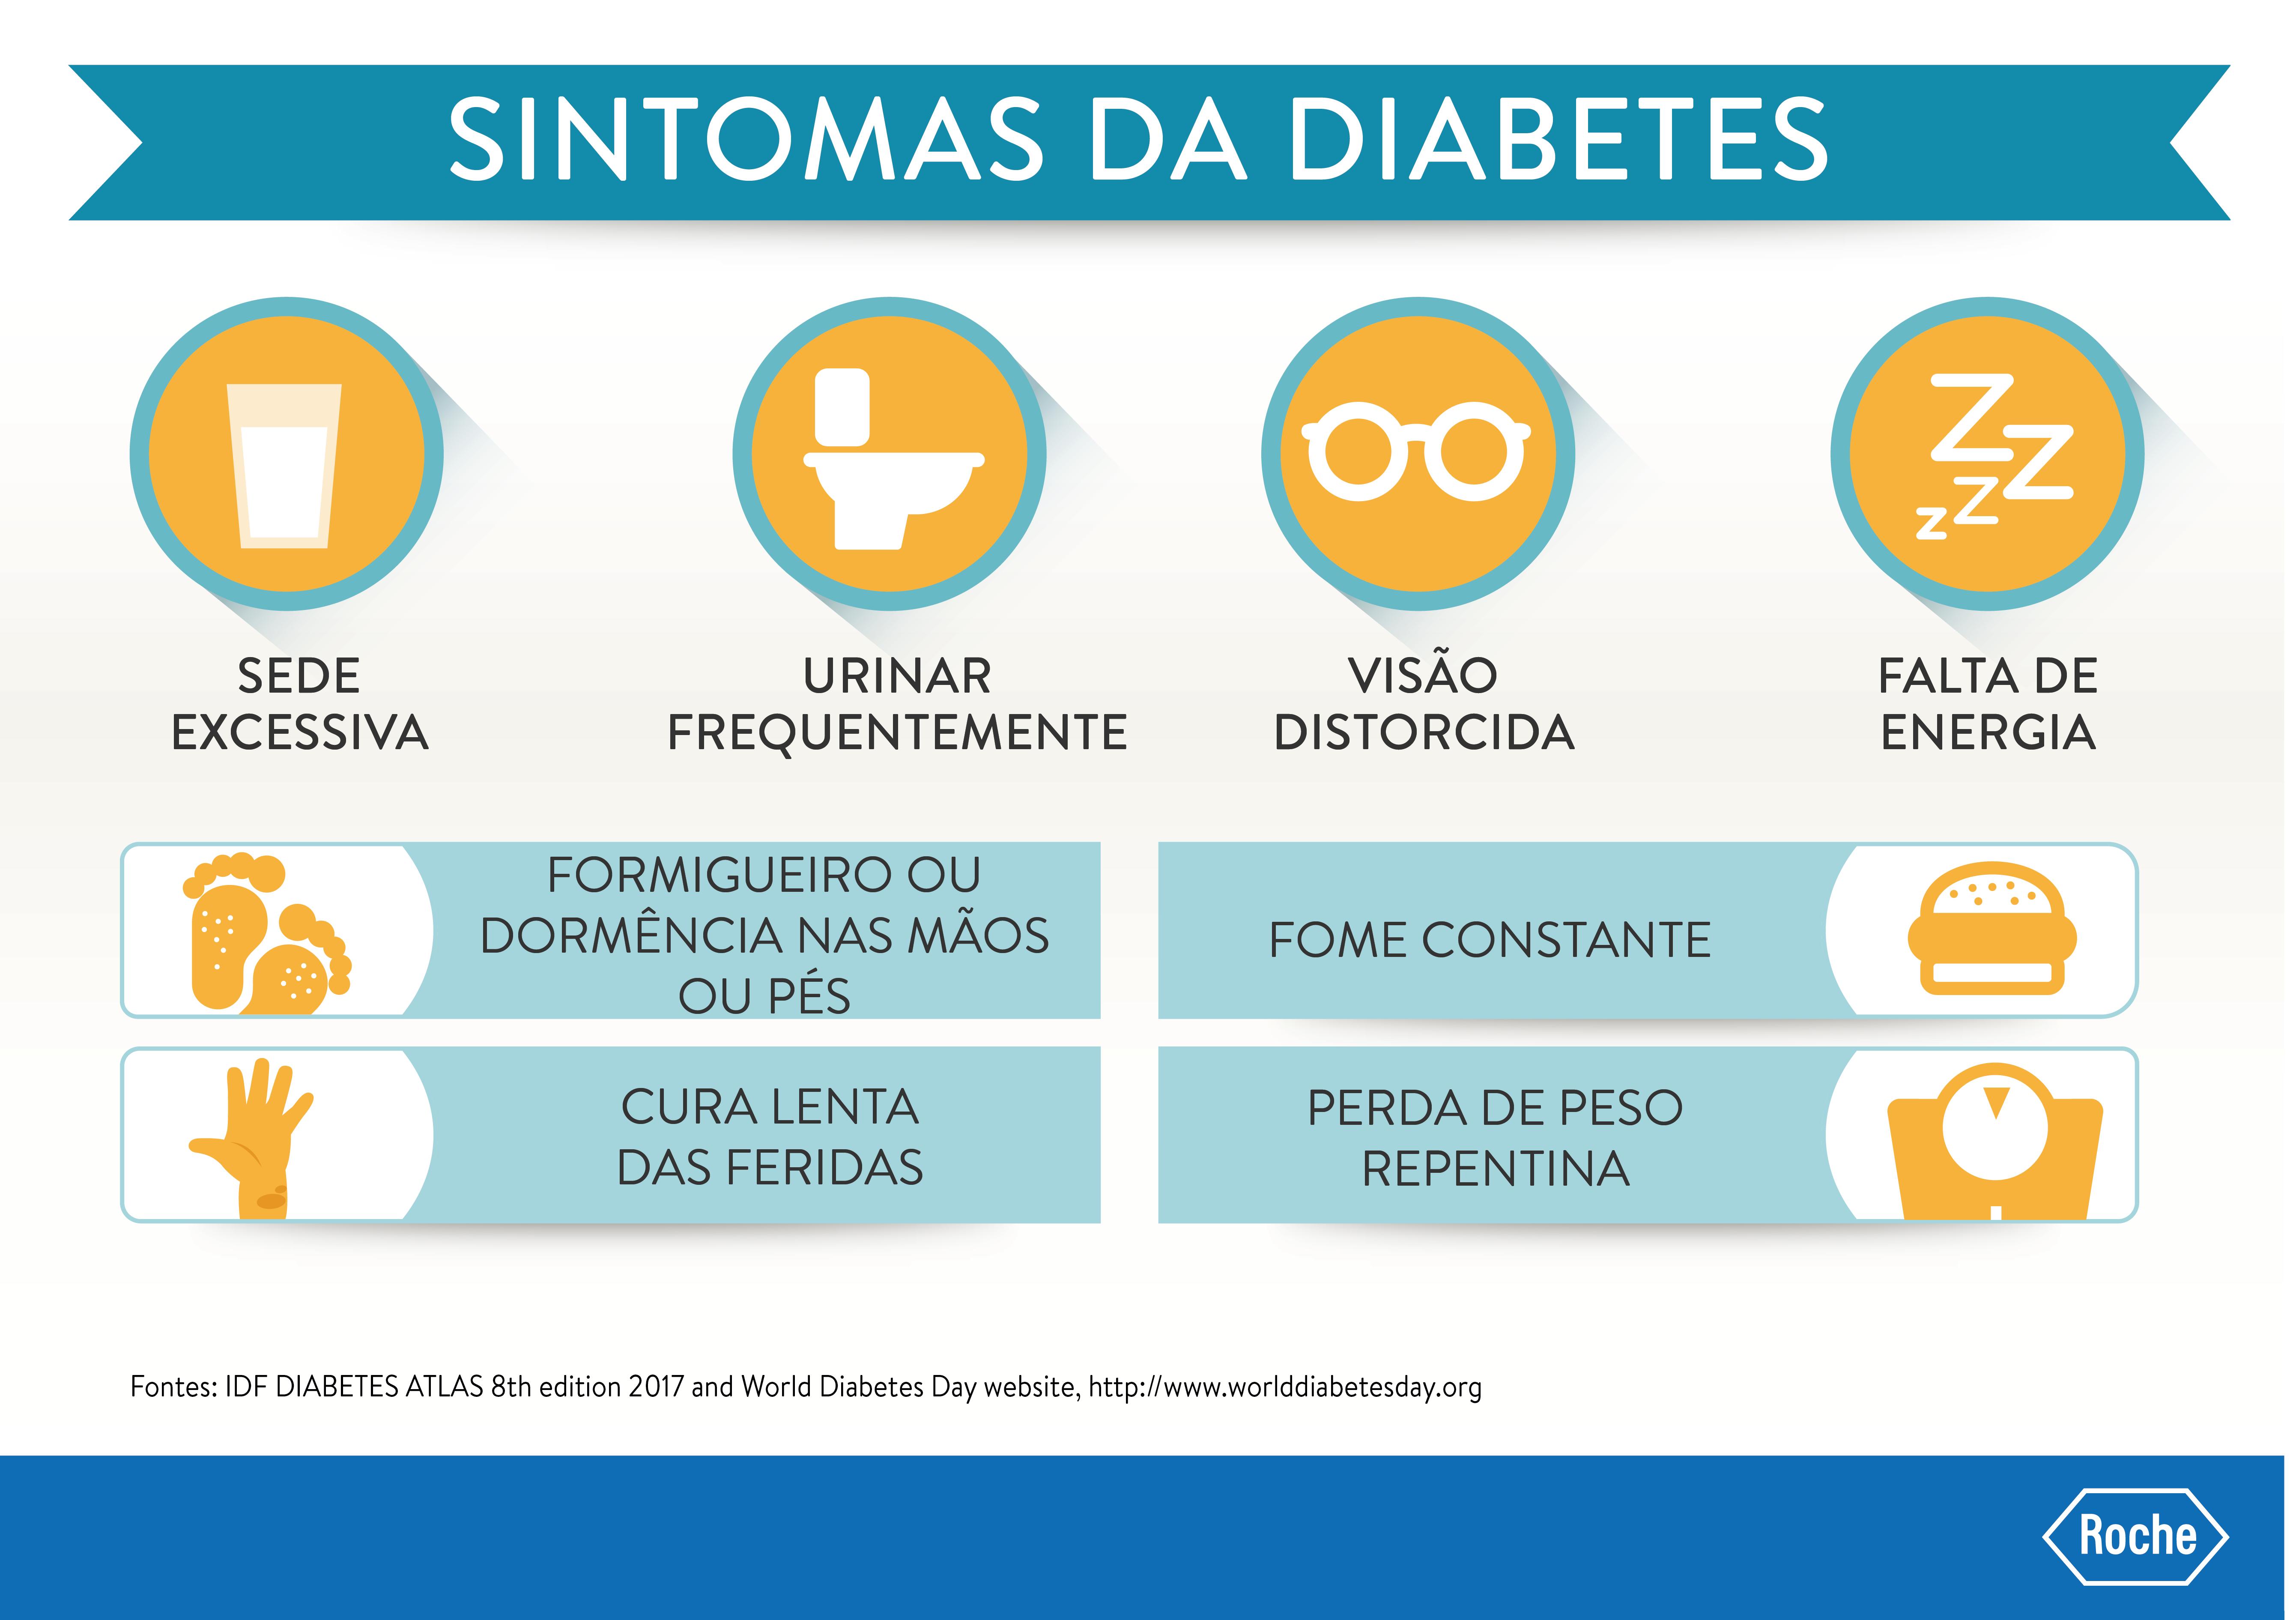 Sintomas da diabetes